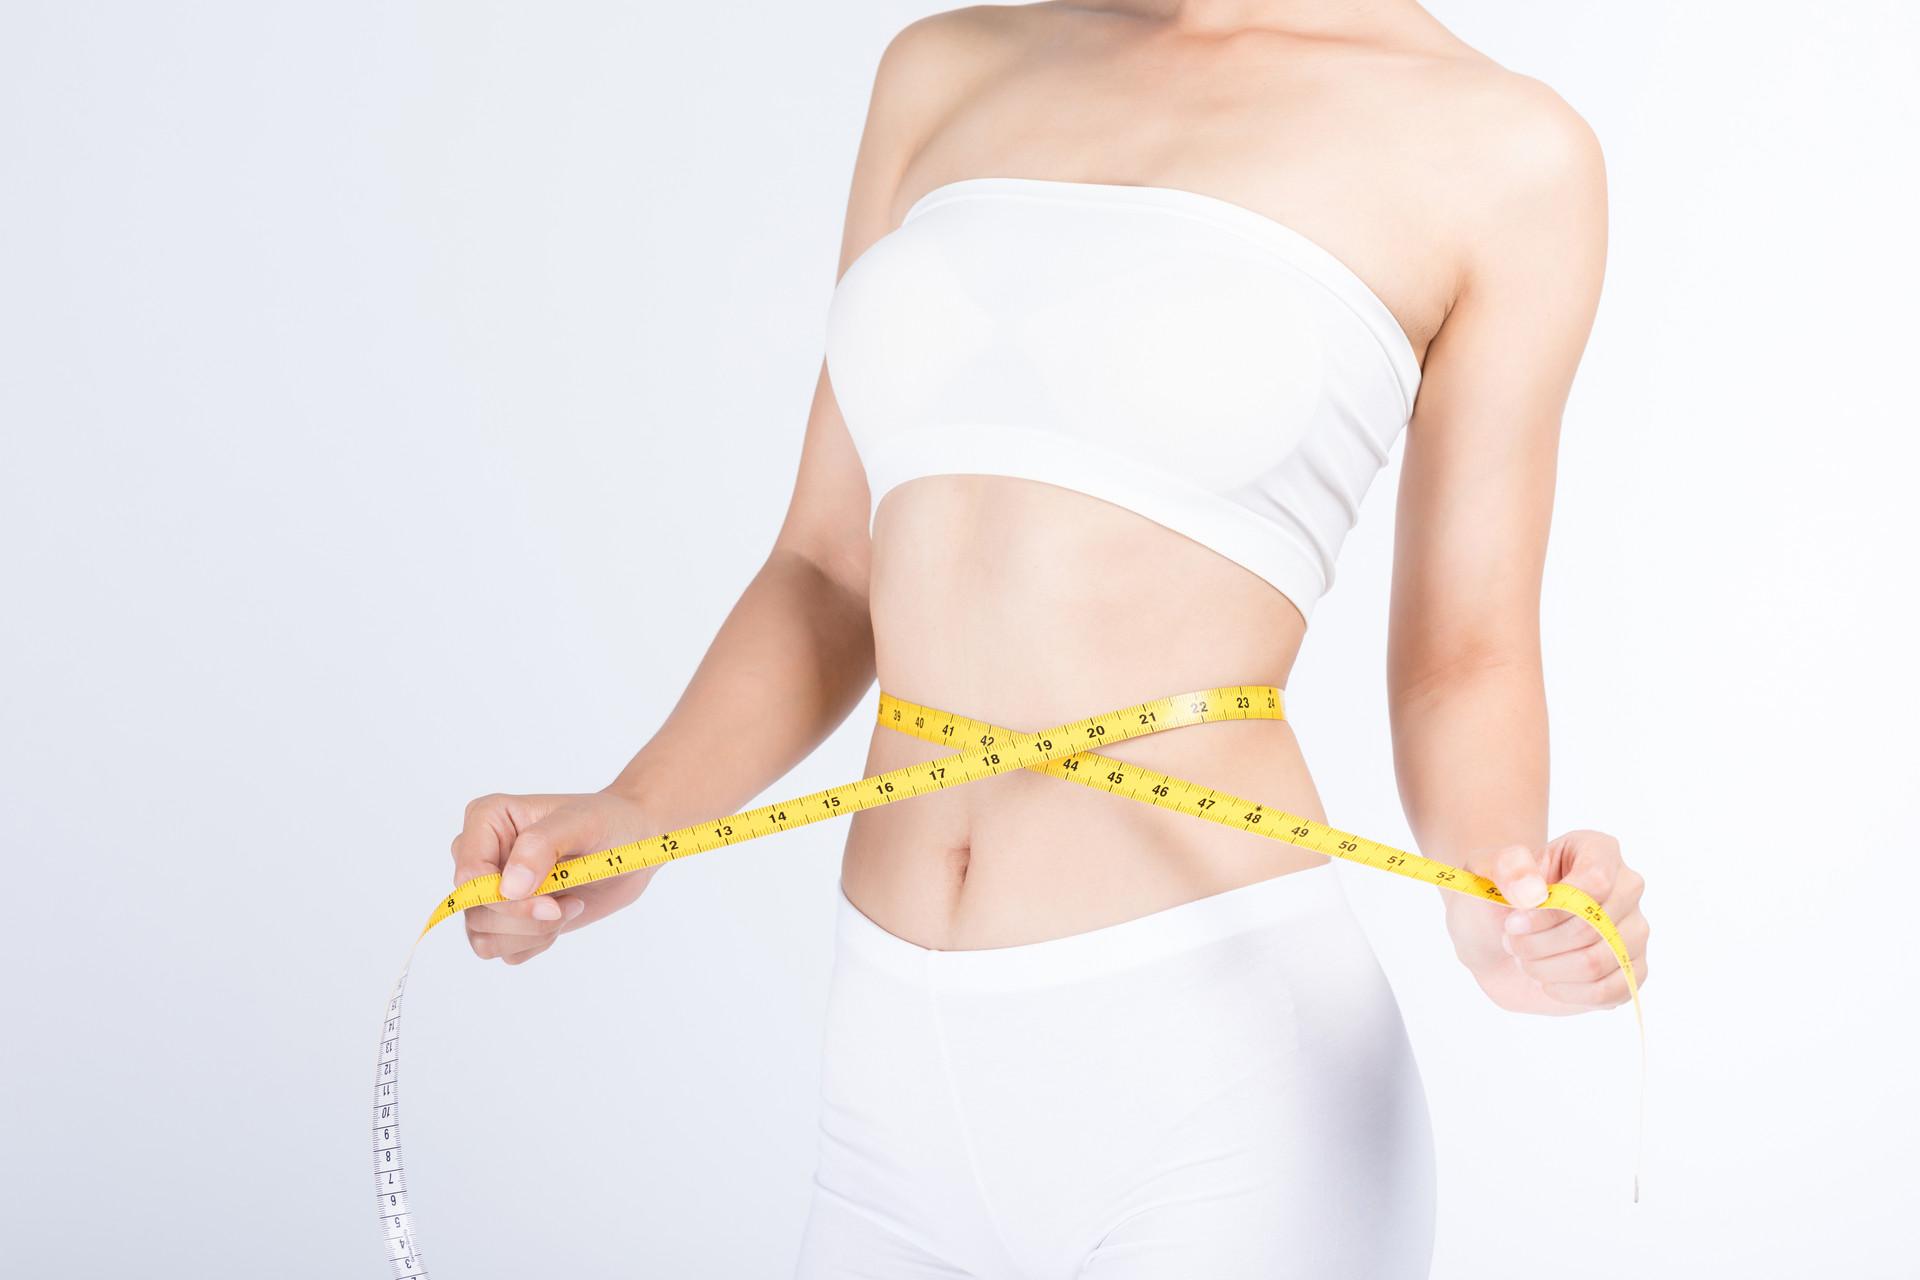 酵素减肥真的靠谱吗?